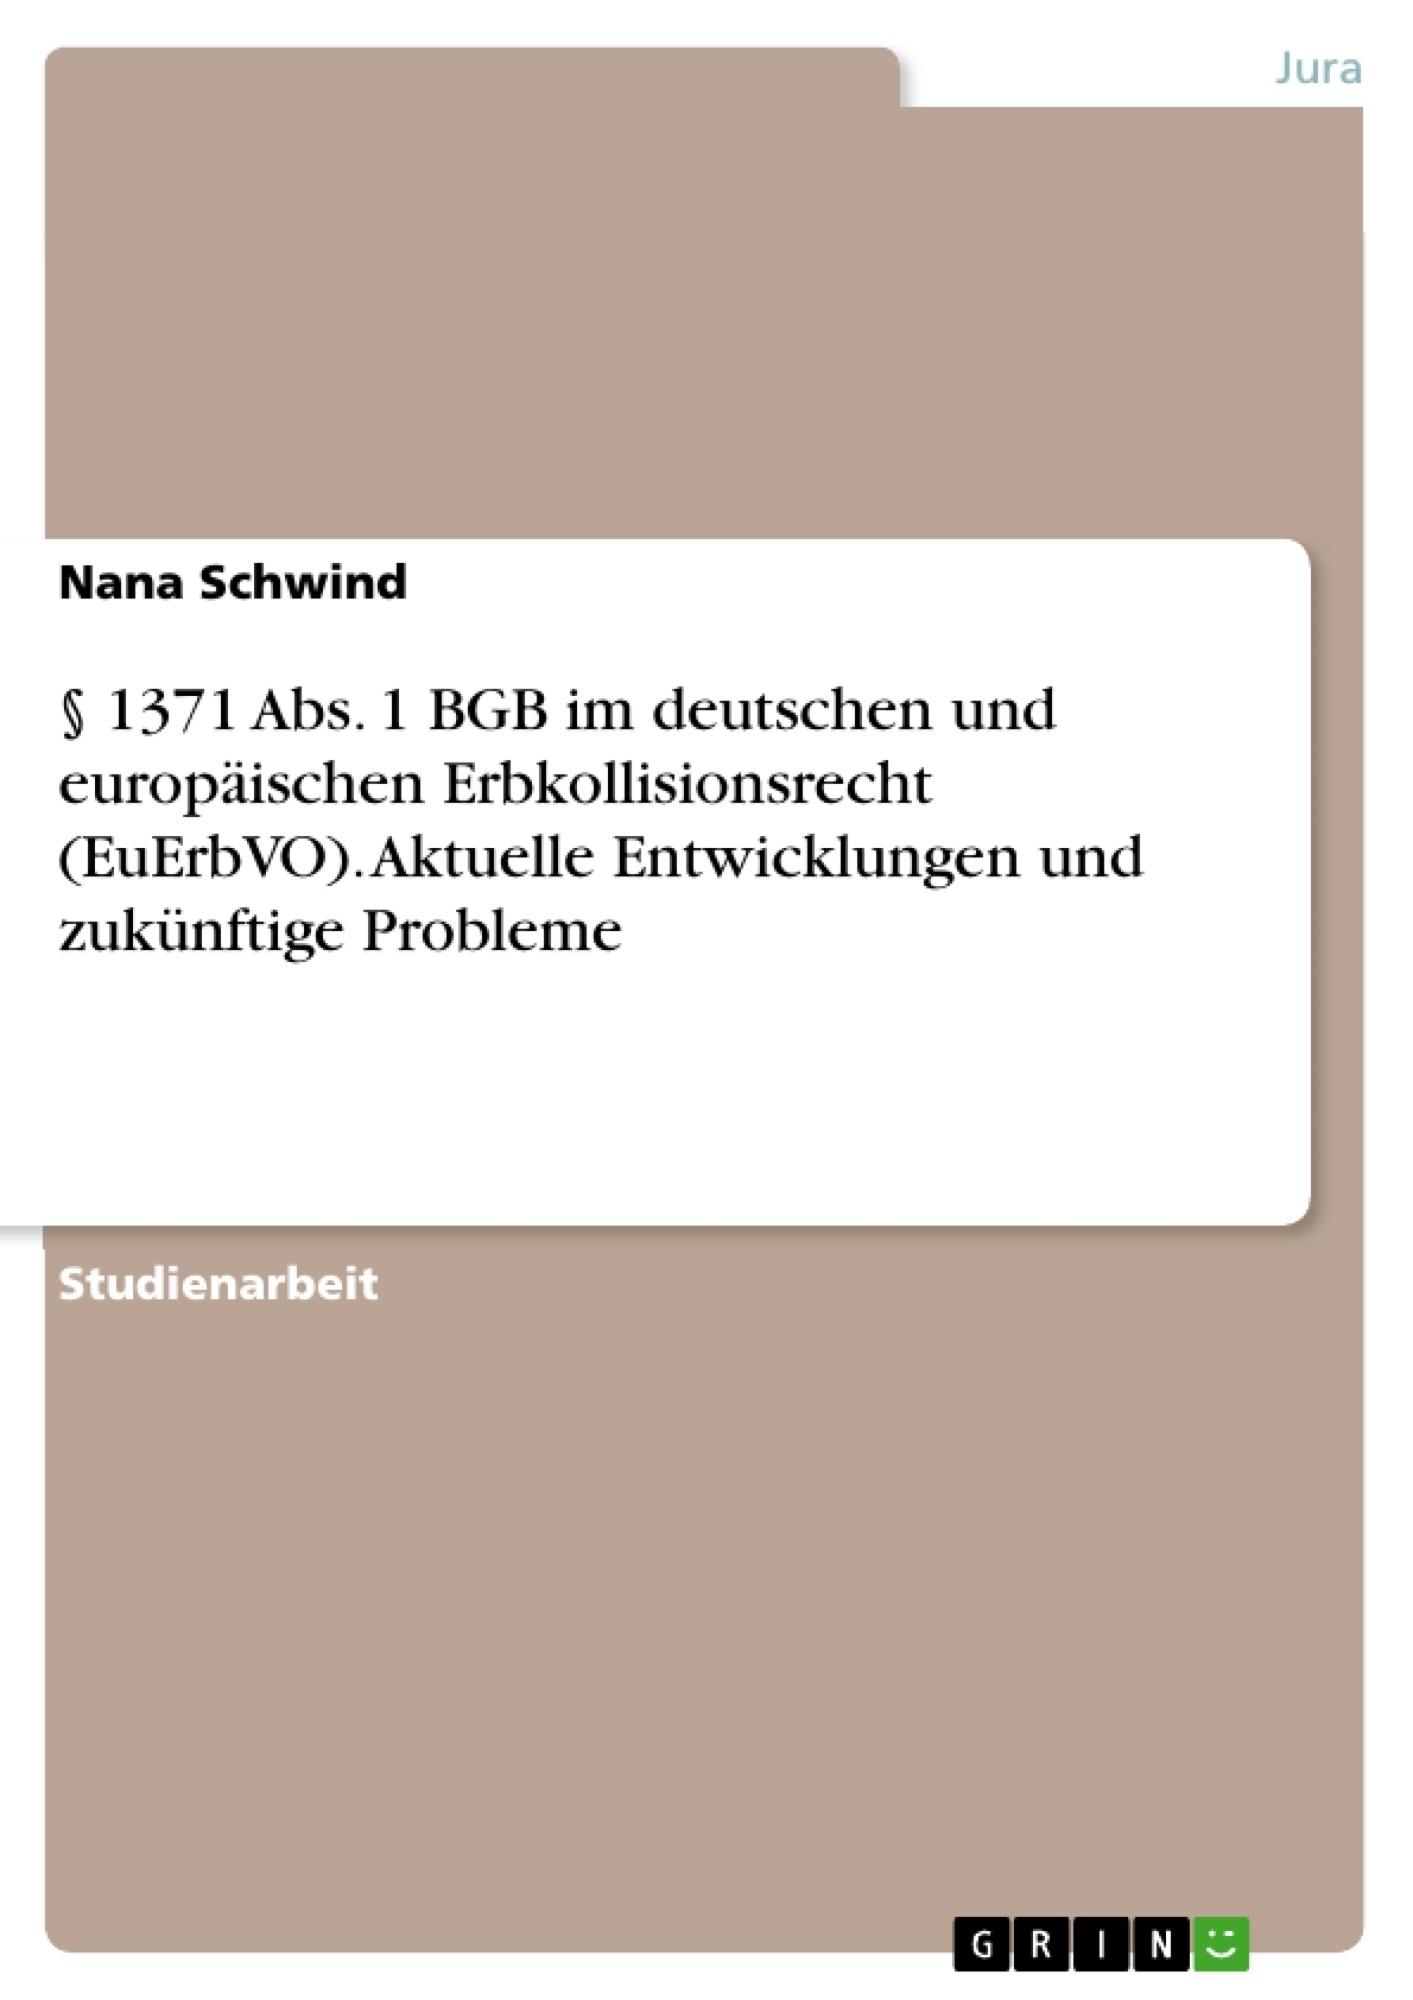 Titel: § 1371 Abs. 1 BGB im deutschen und europäischen Erbkollisionsrecht (EuErbVO). Aktuelle Entwicklungen und zukünftige Probleme